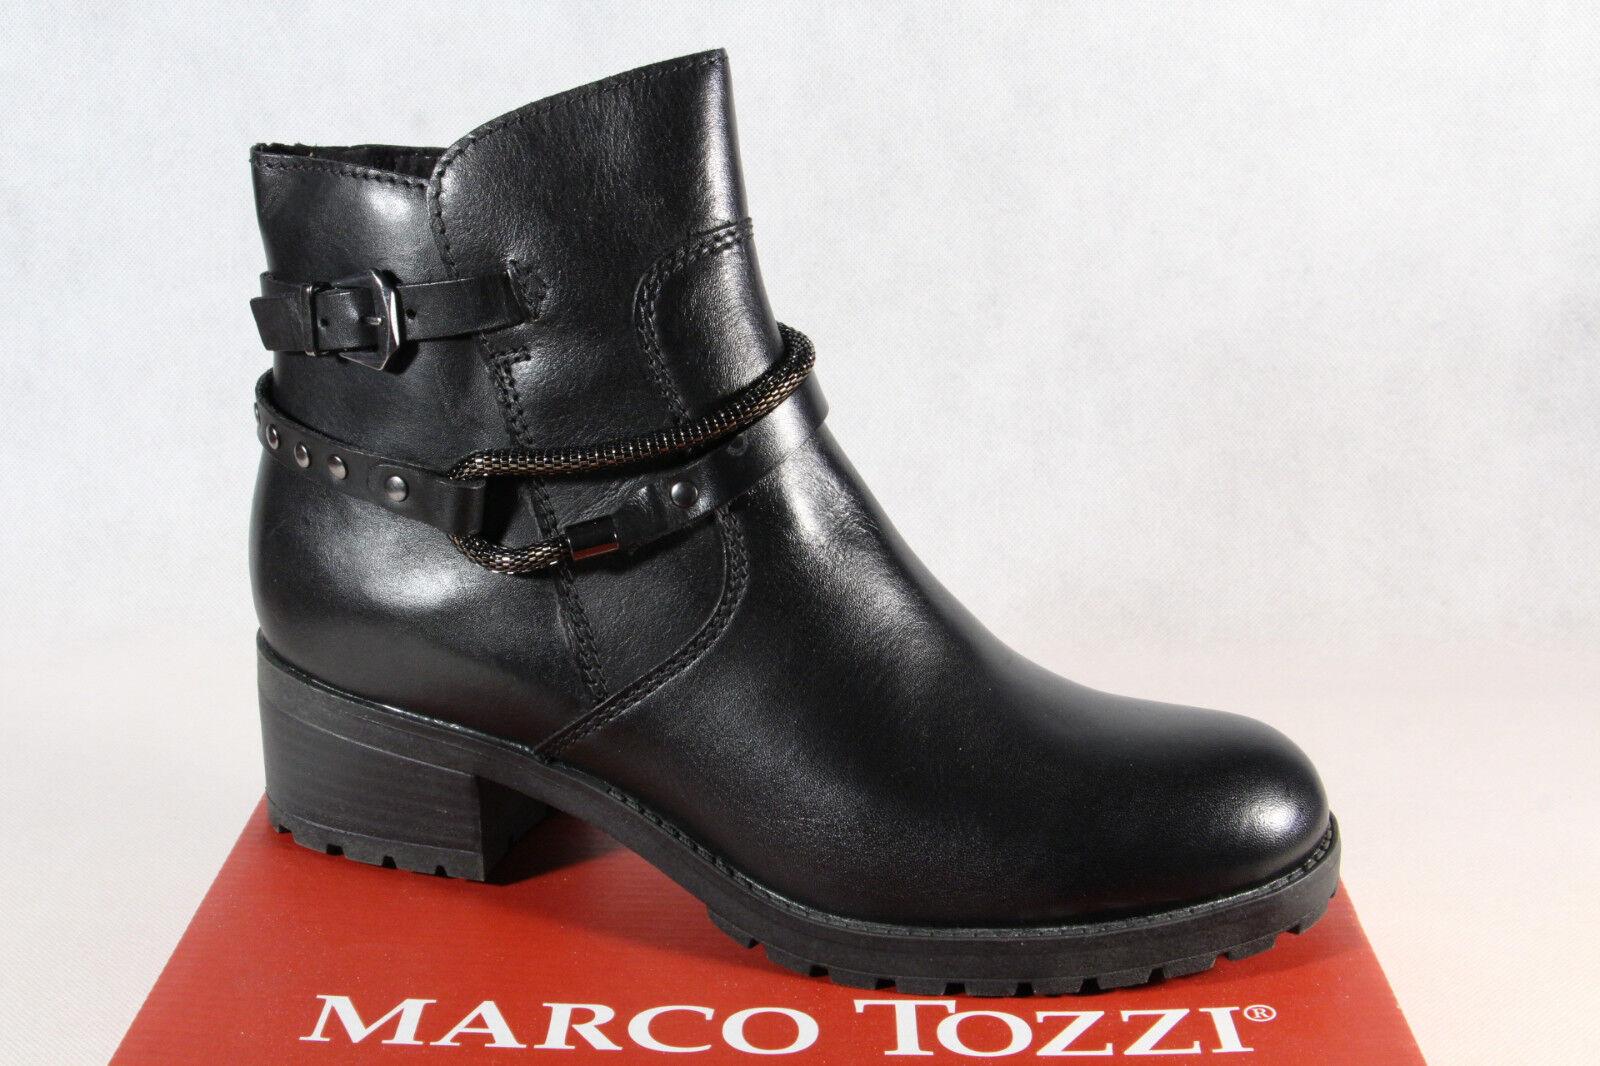 Marco Tozzi Damen Stiefelette Stiefel Winterstiefel Stiefel schwarz 25475 NEU